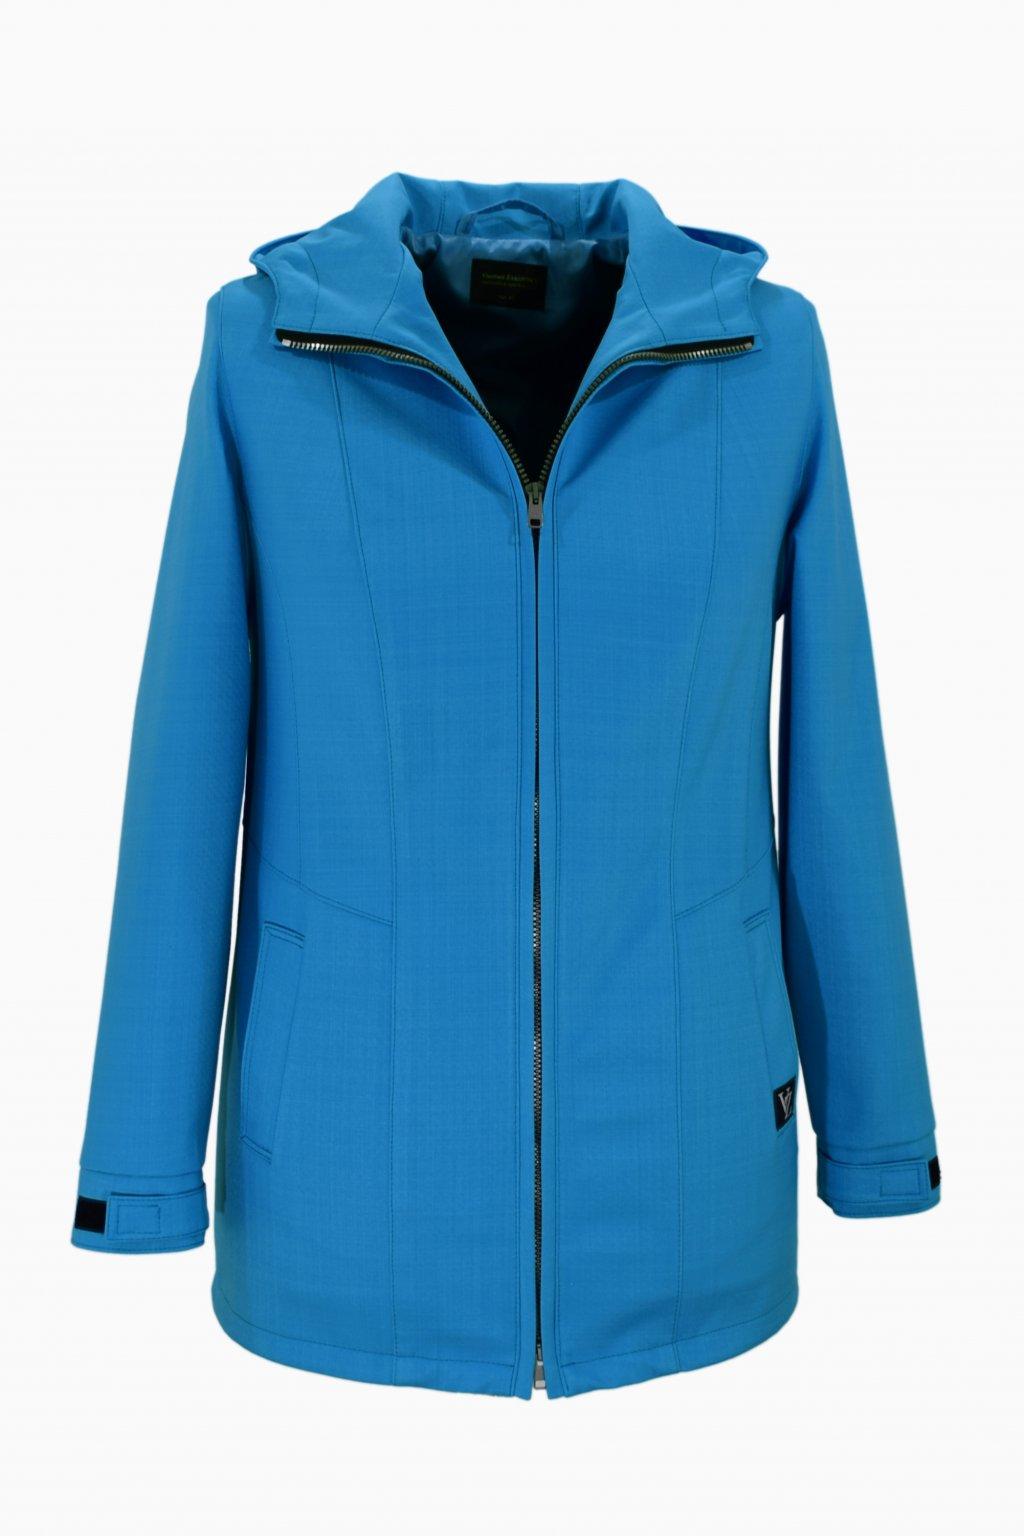 Dámská tyrkysová jarní outdoorová bunda Elza nadměrné velikosti